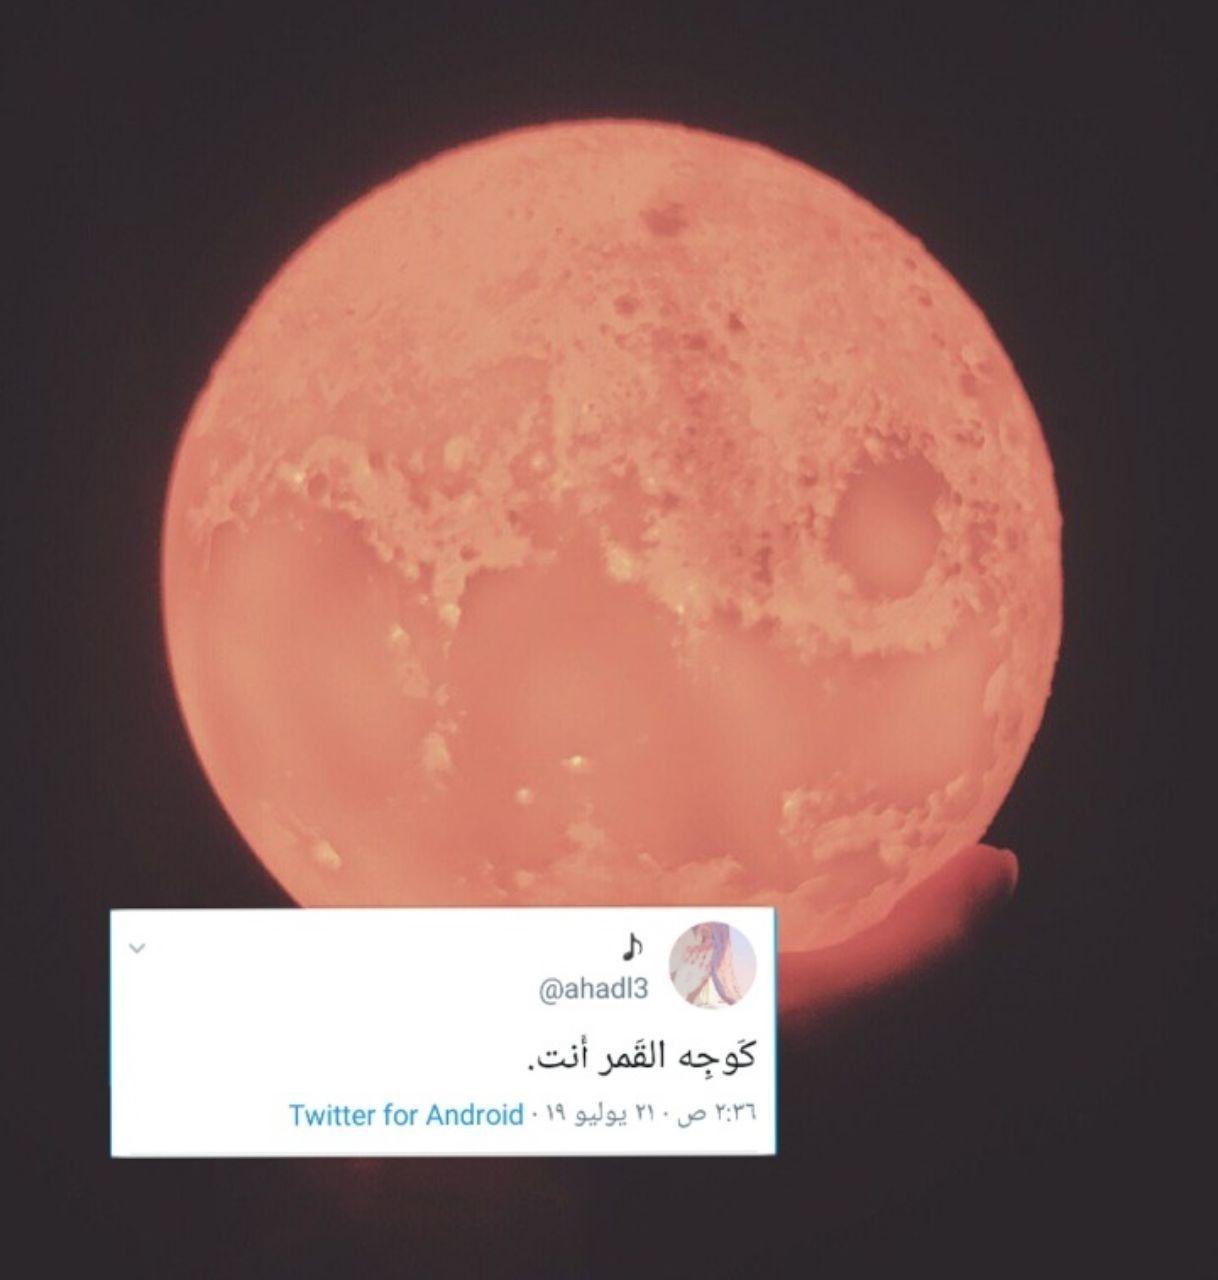 كلام عن القمر تويتر